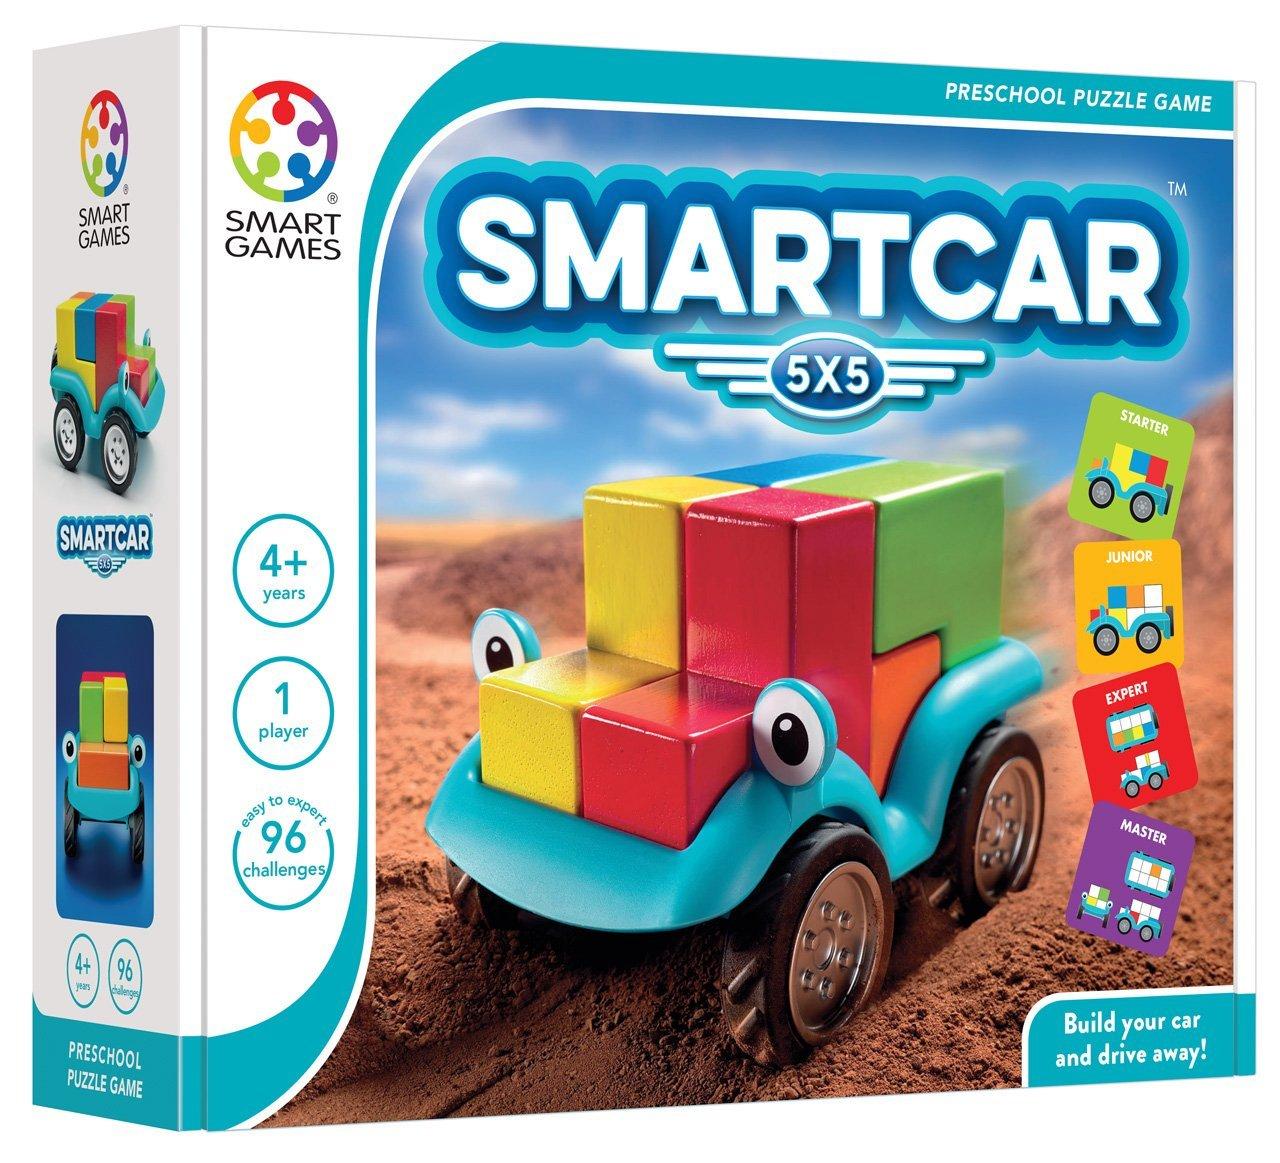 Loginis žaidimas SMART GAMES Smart Car 5×5 vaikams nuo 3 metų (SG 018)